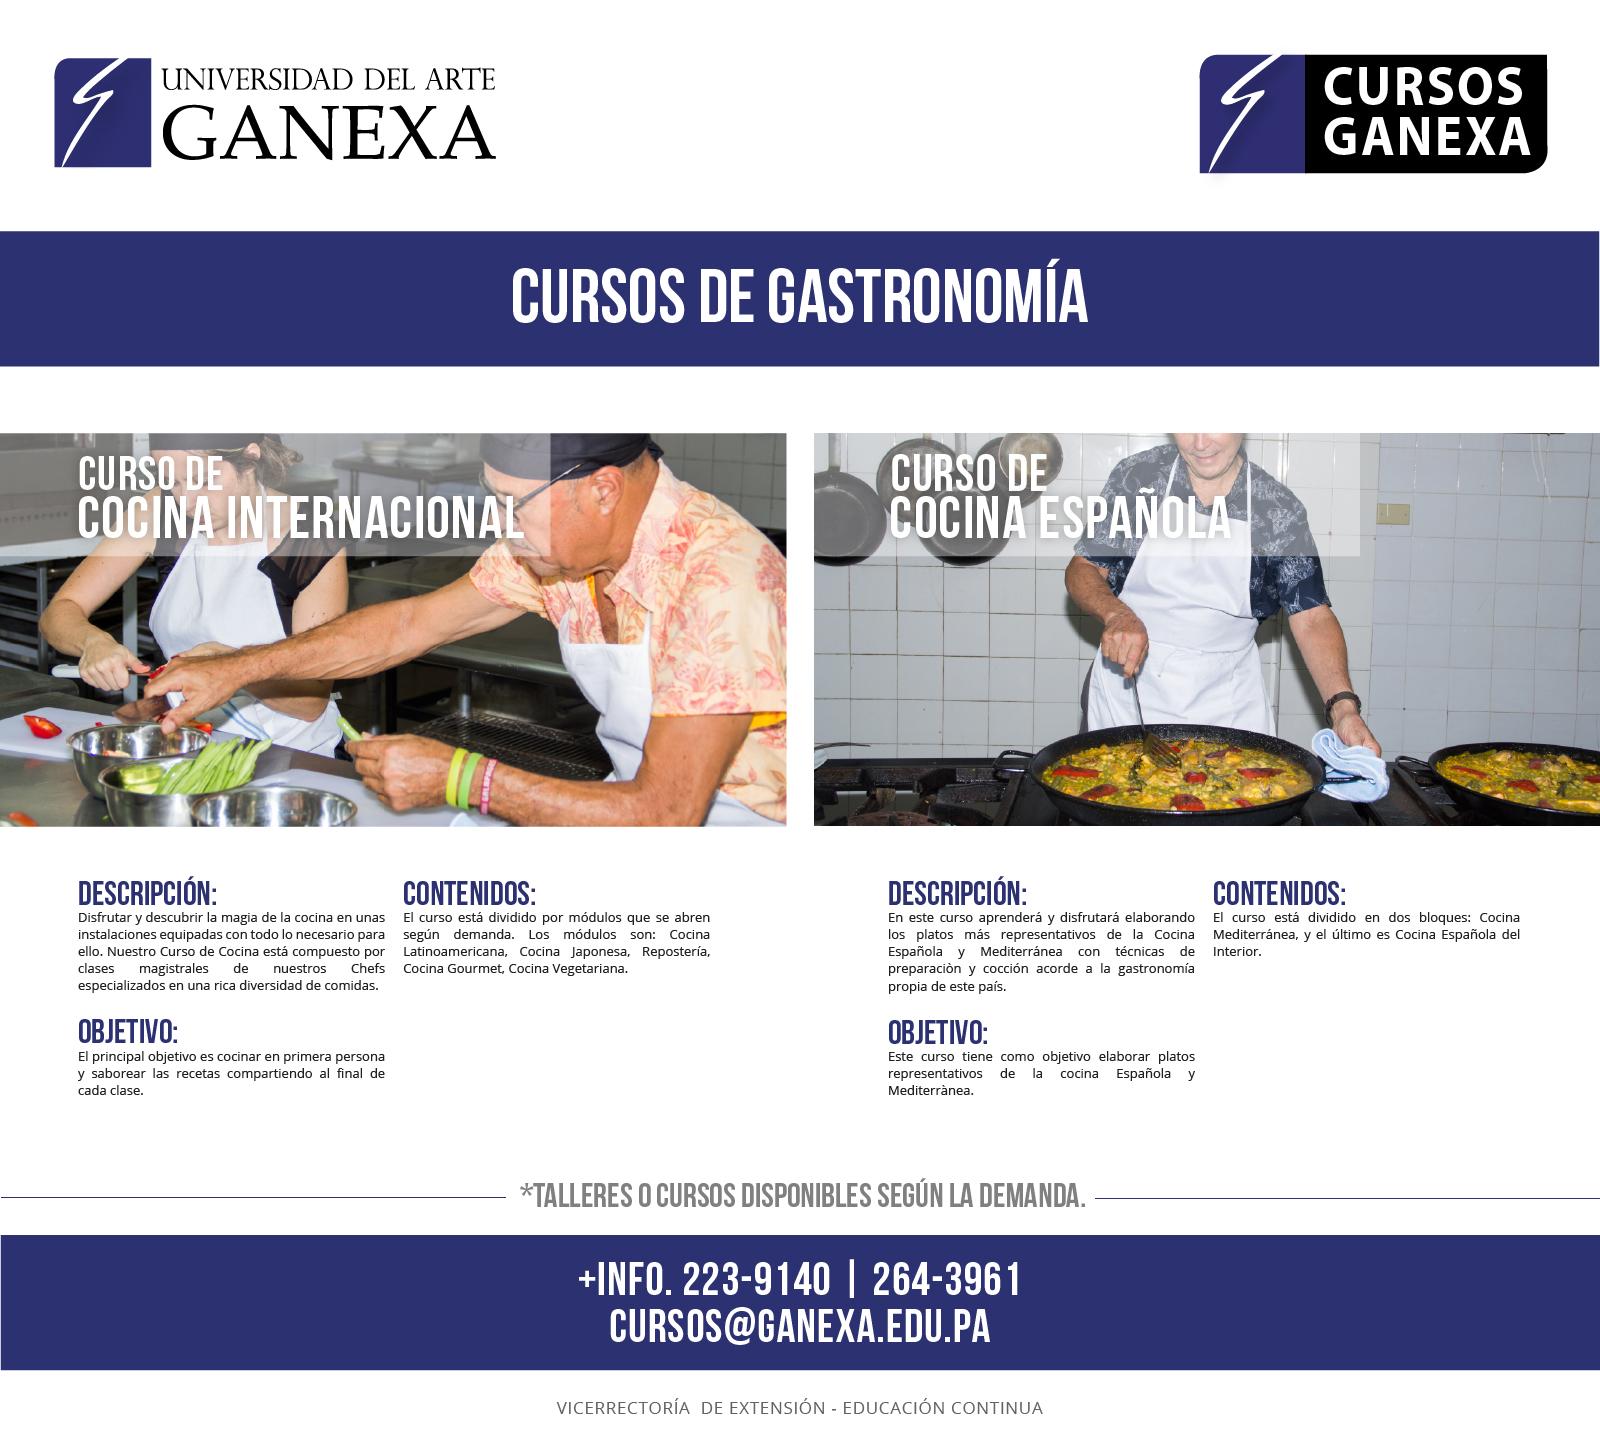 Cursos de cocina universidad del arte ganexa - Cursos de cocina sabadell ...